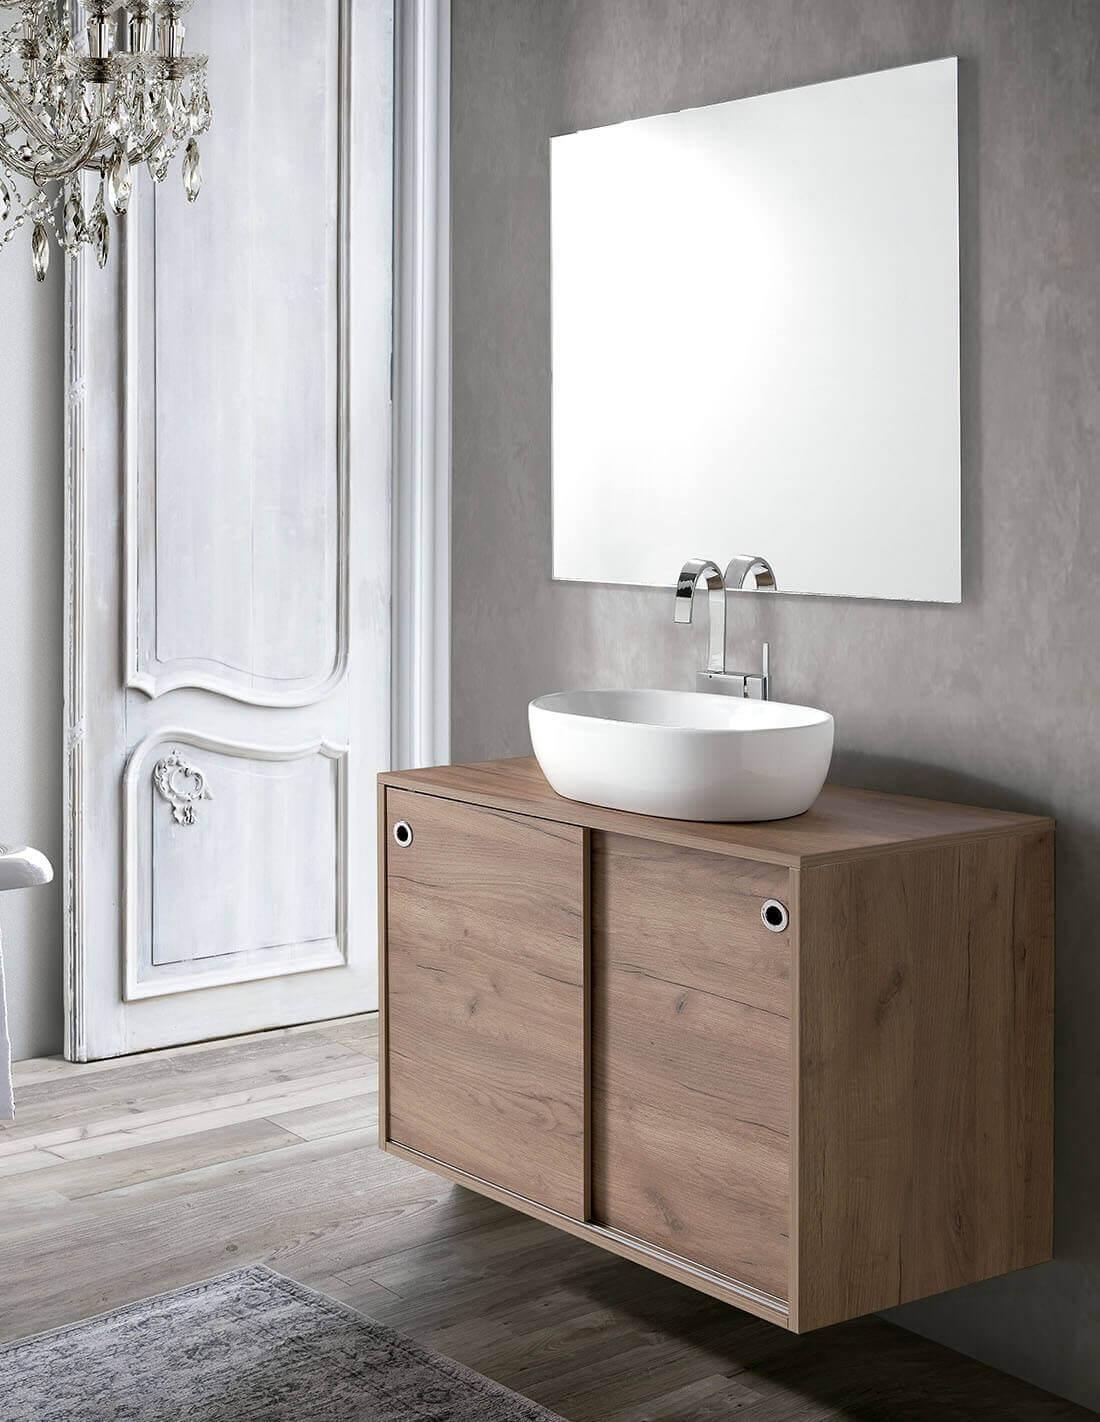 Mueble de baño con puertas correderas